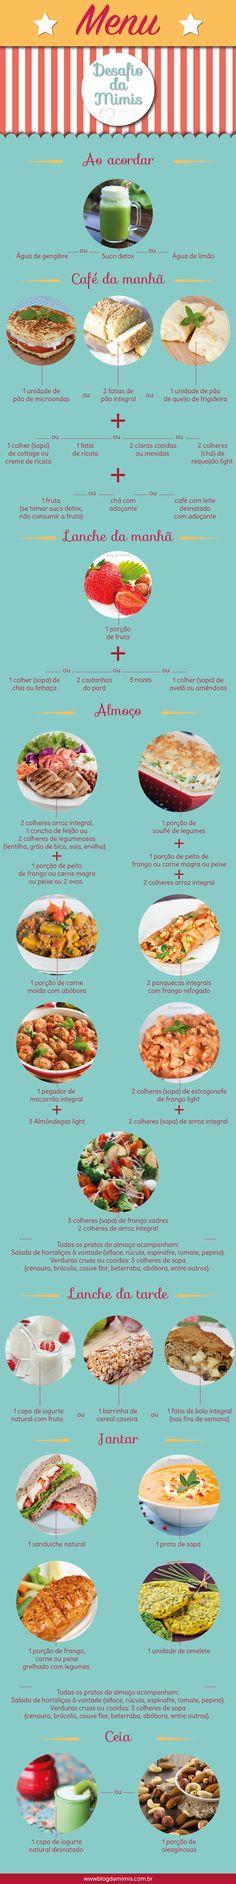 Dieta fácil: super cardápio para o dia a dia - Blog da Mimis -  Esse é o meu…